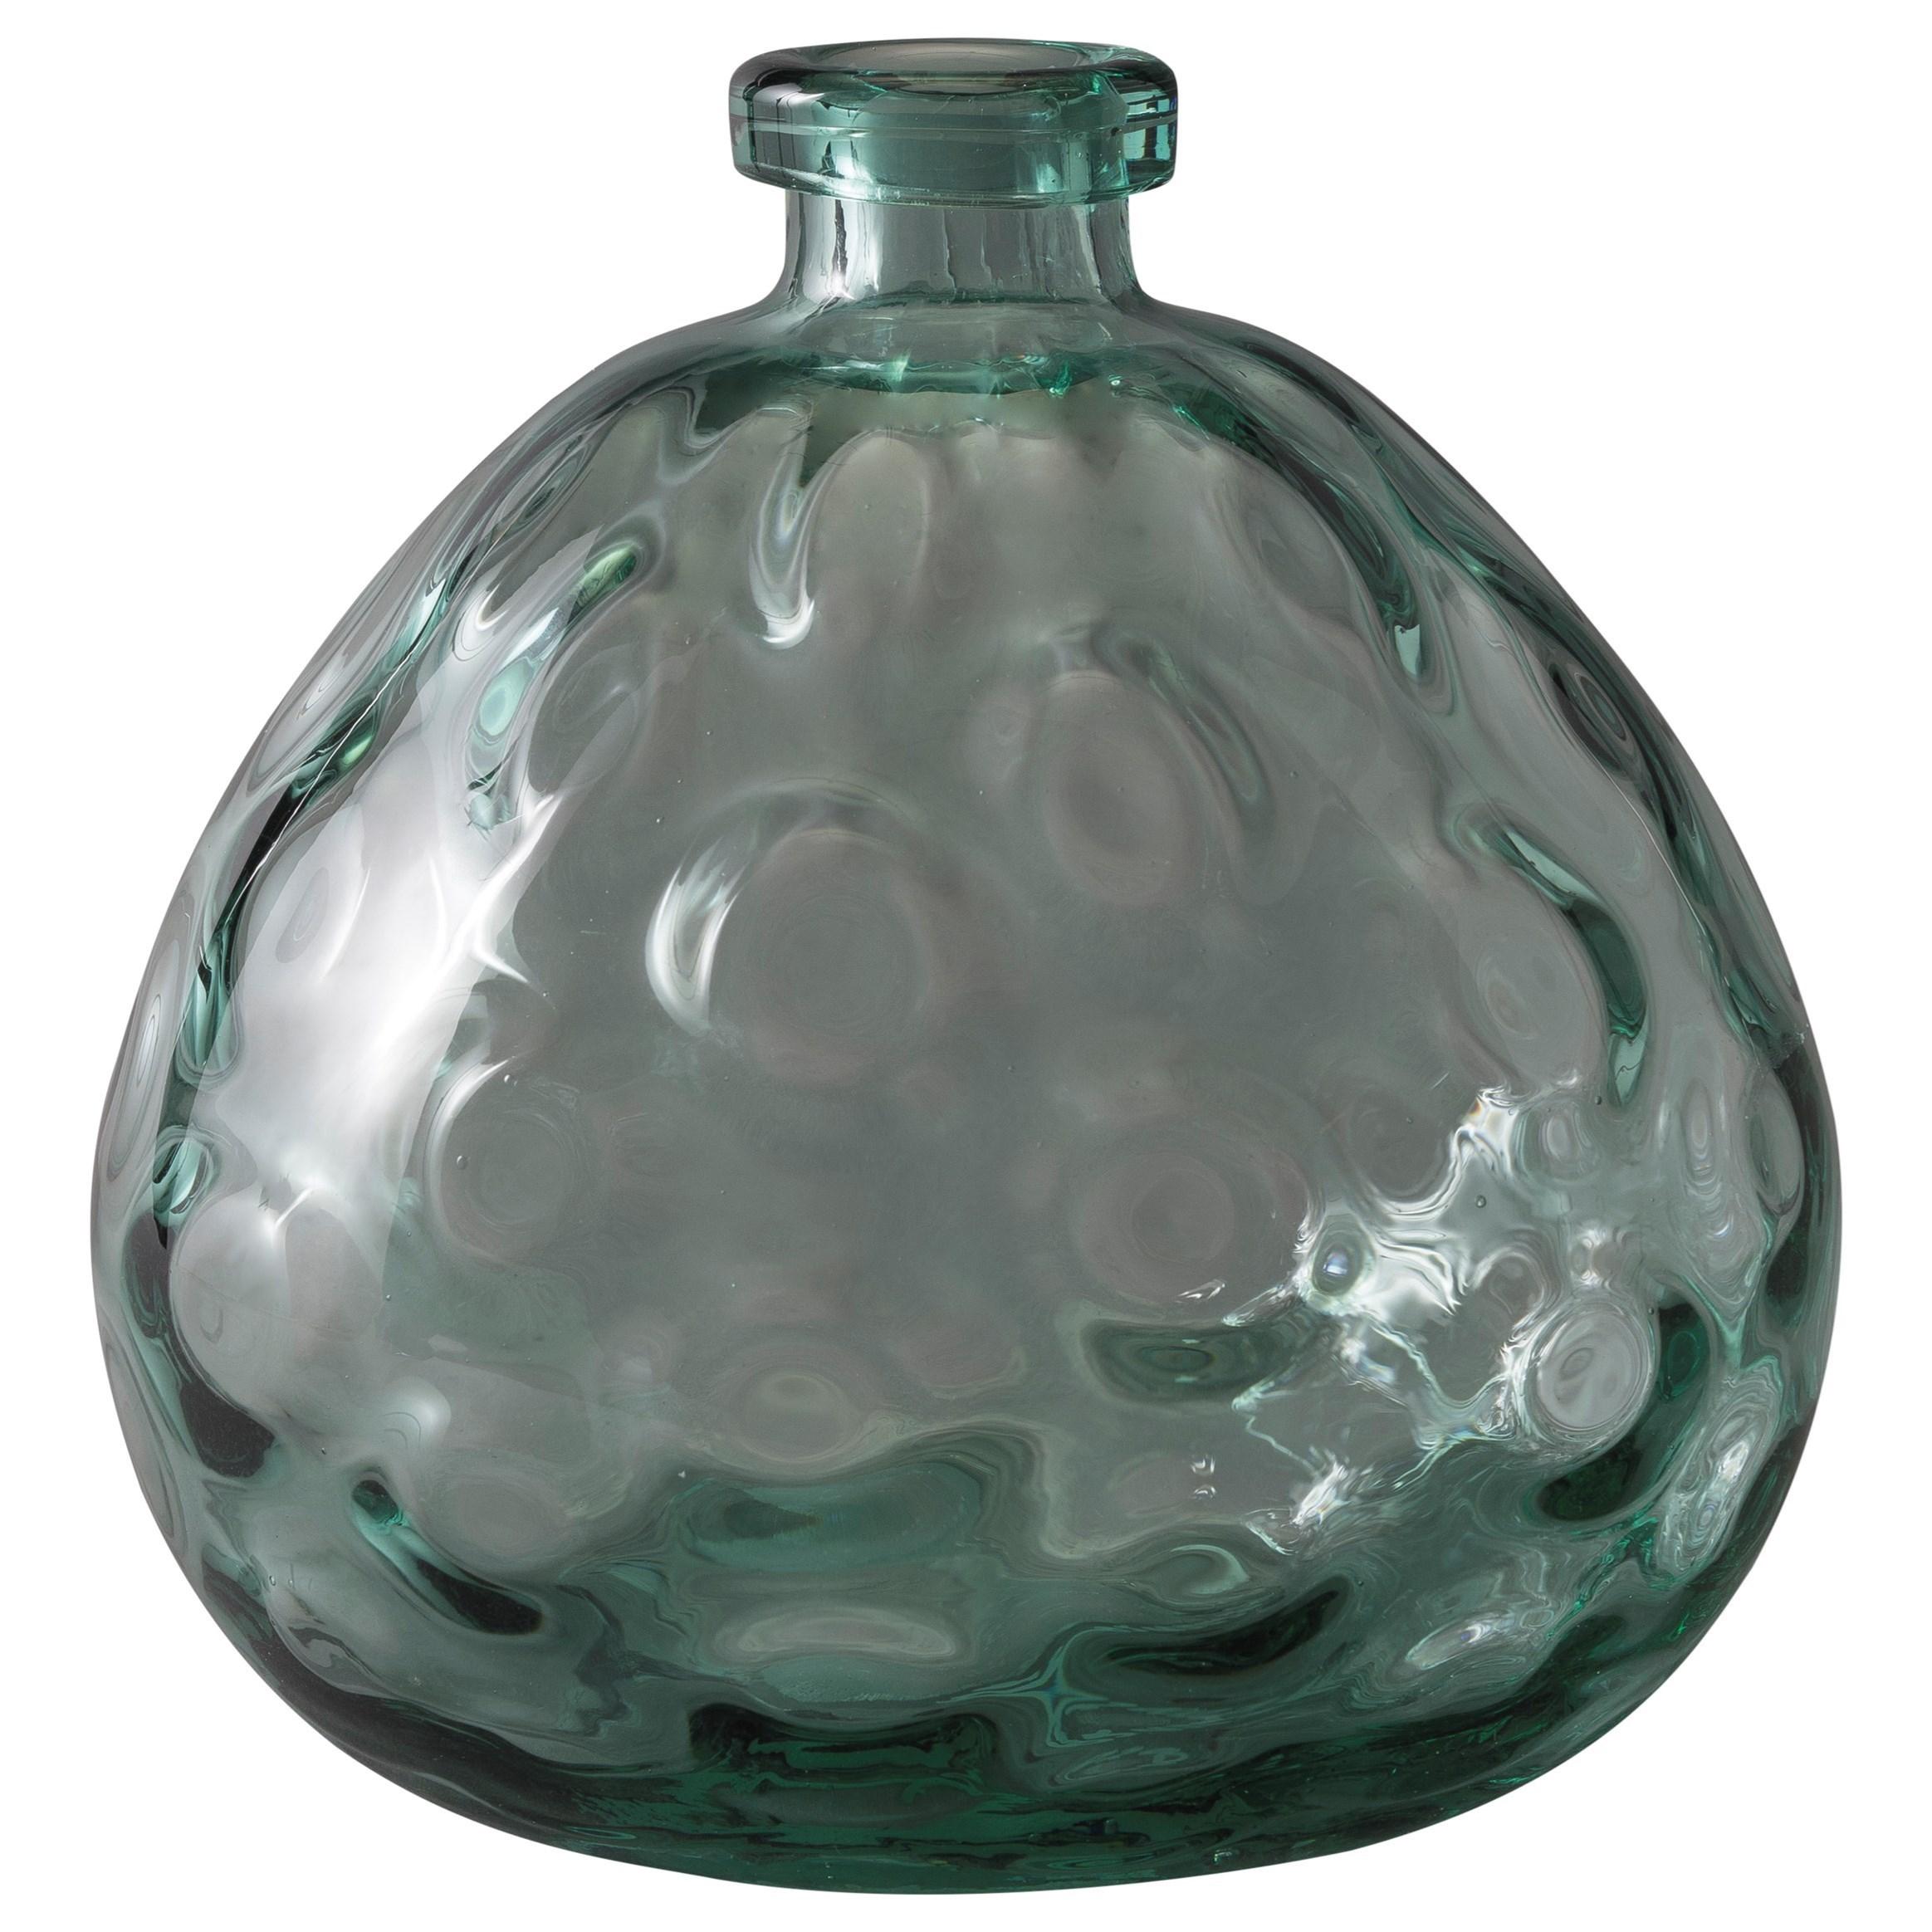 Signature Design by Ashley Accents Devansh Green Vase - Item Number: A2000294V